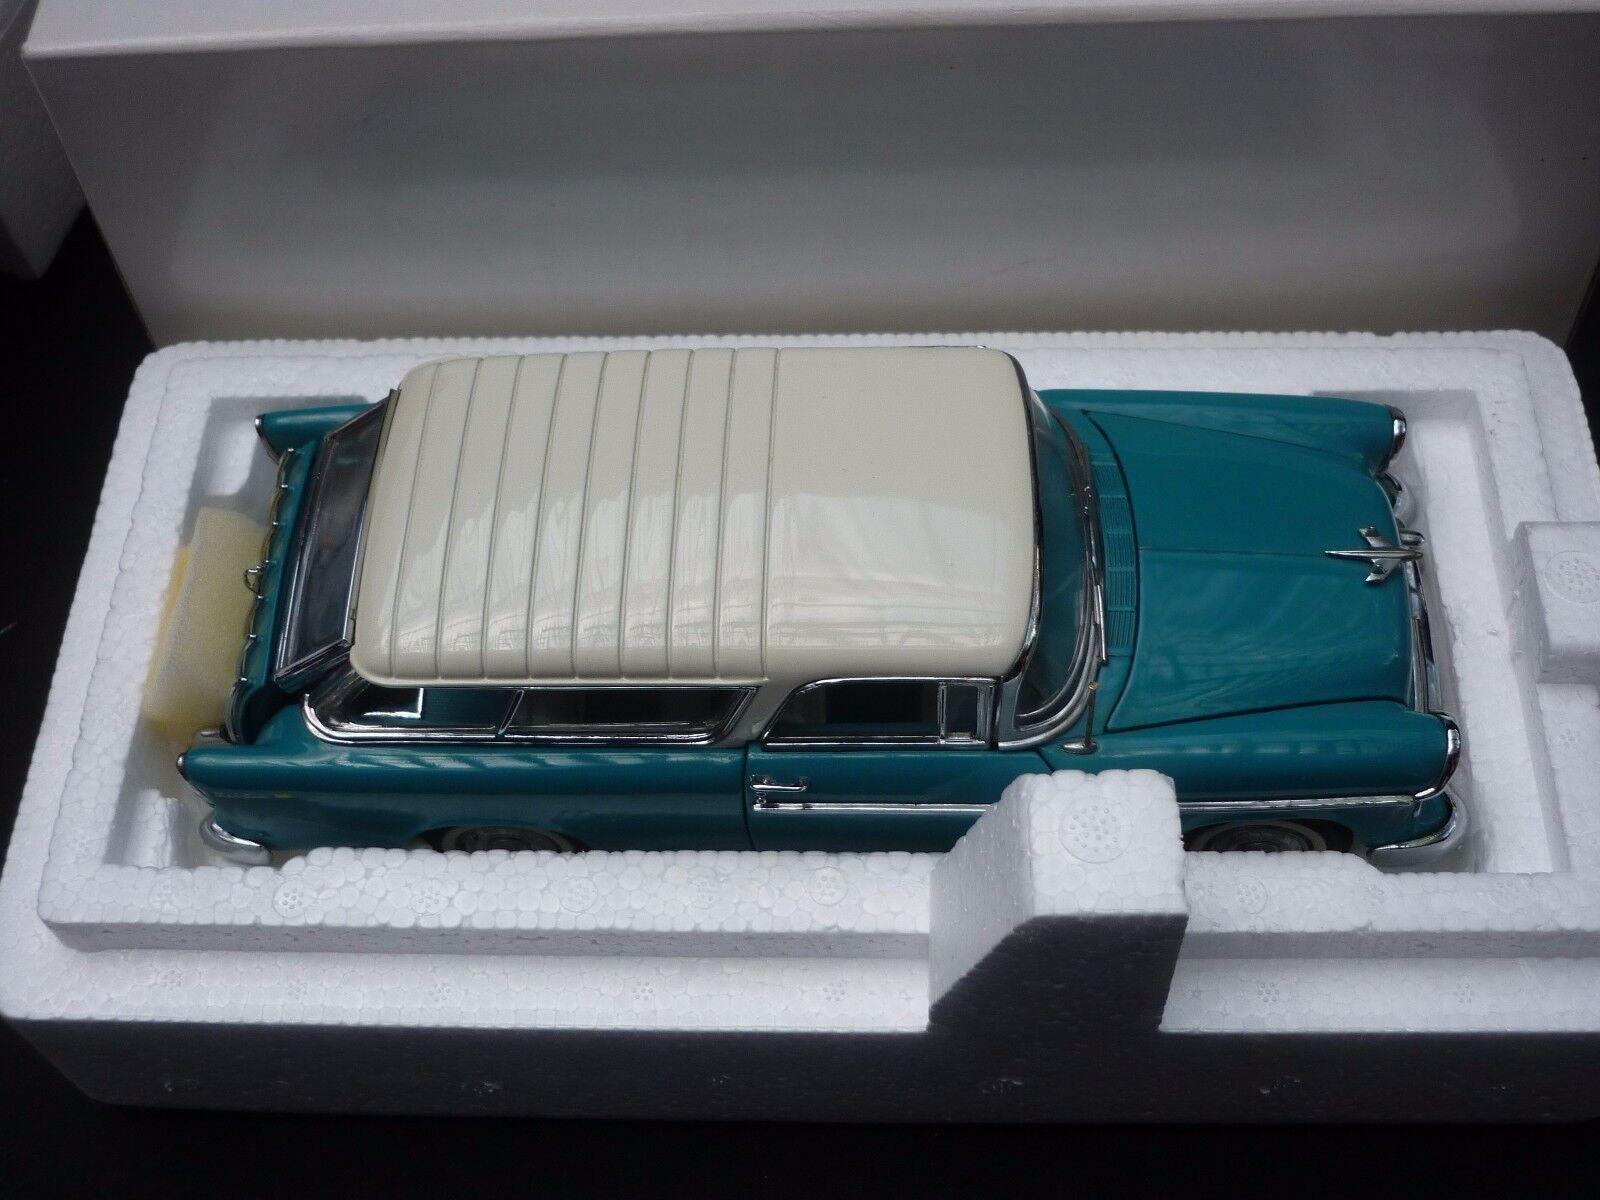 todos los bienes son especiales Danbury como nuevo 1955 Chevrolet Nomad (con algún papeleo, papeleo, papeleo, casi como nuevo)  grandes precios de descuento